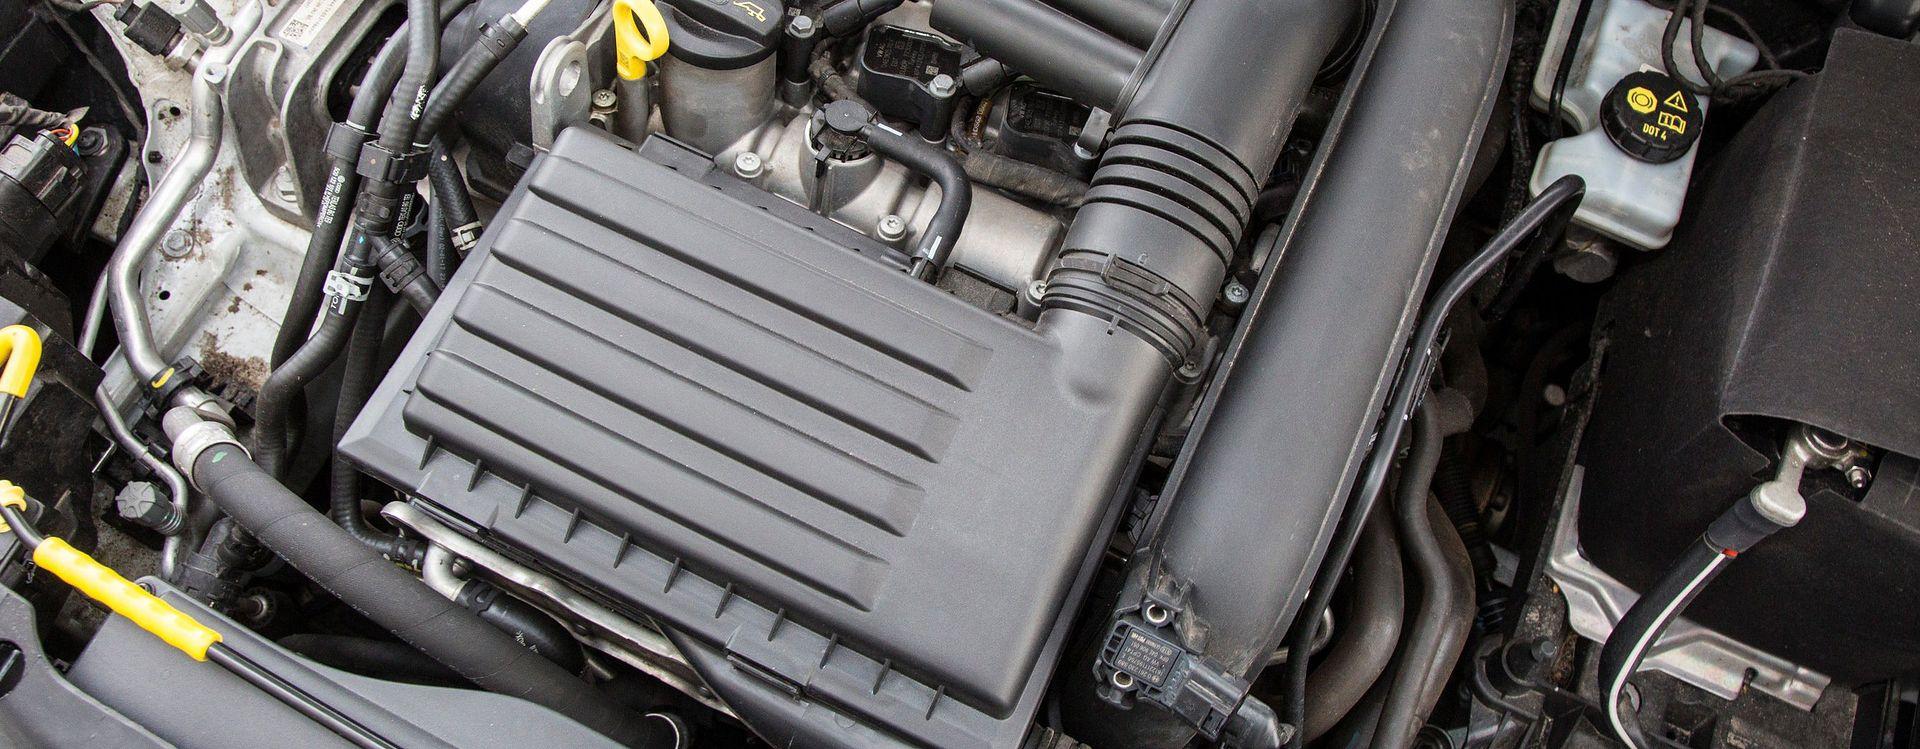 b1204478b8b037 Nowoczesne silniki z łańcuchowym napędem rozrządu często mają problemy z  jego trwałością. Aby je wyeliminować